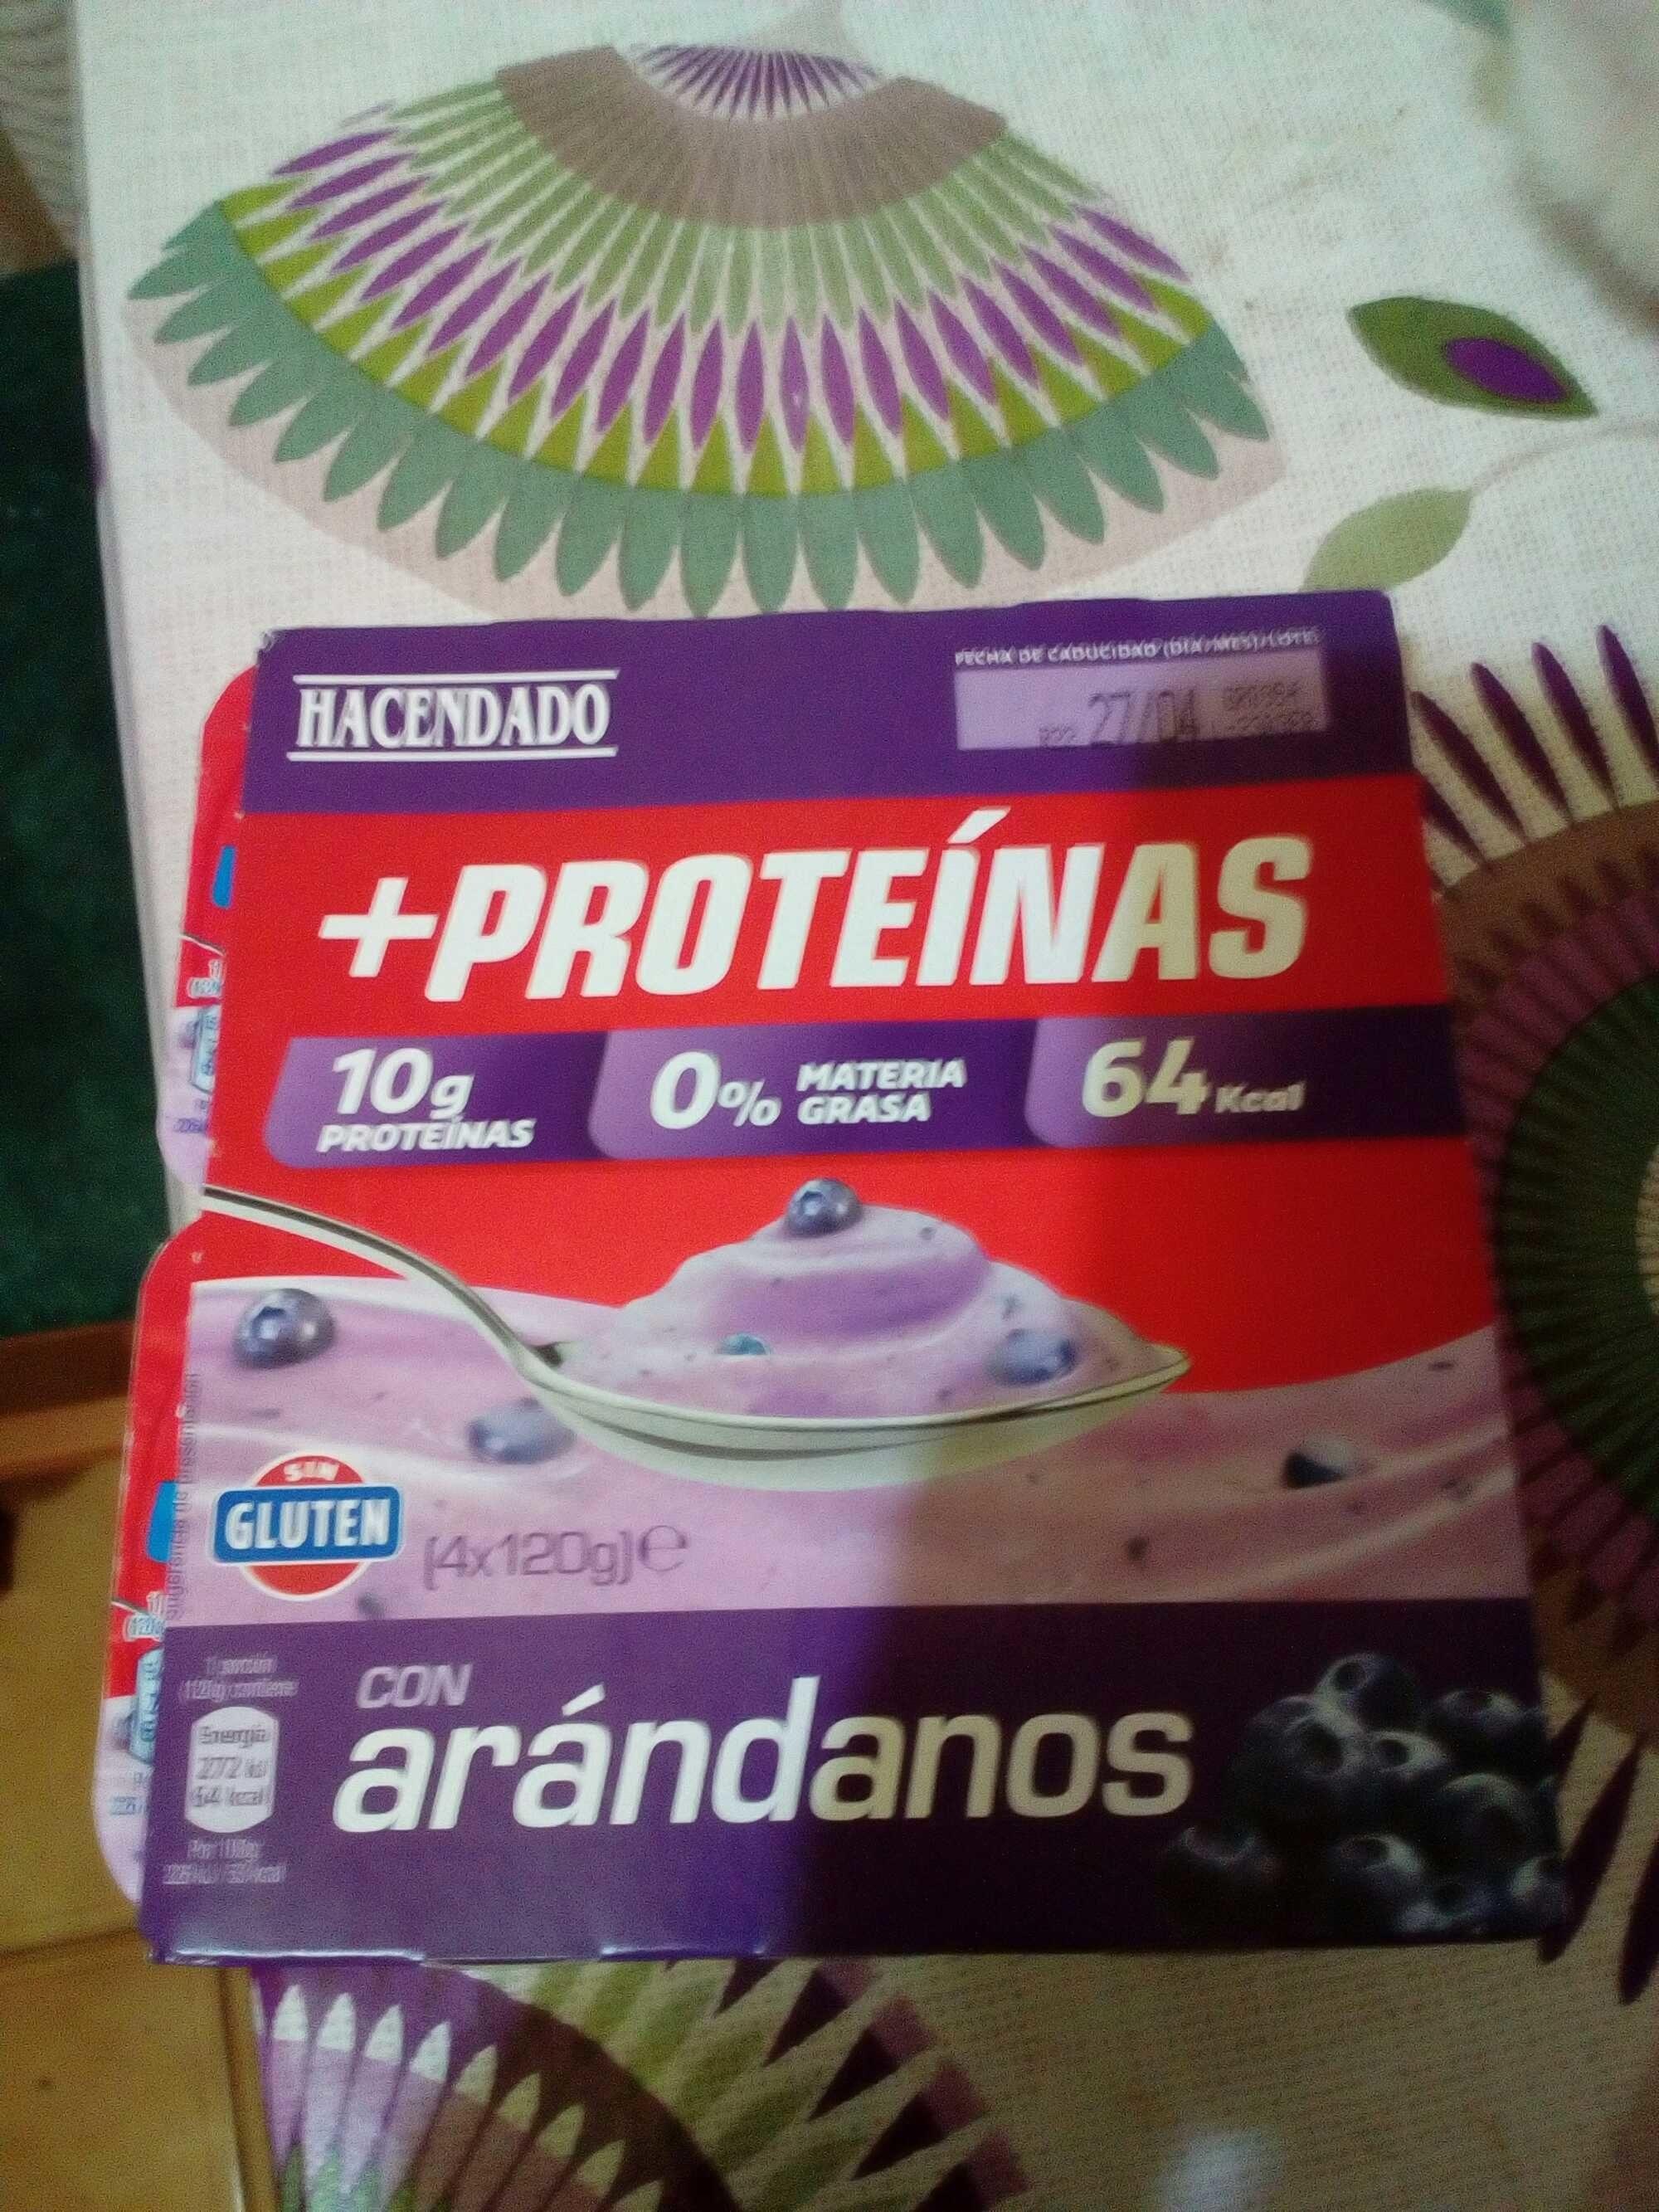 +proteínas con arándanos - Product - es